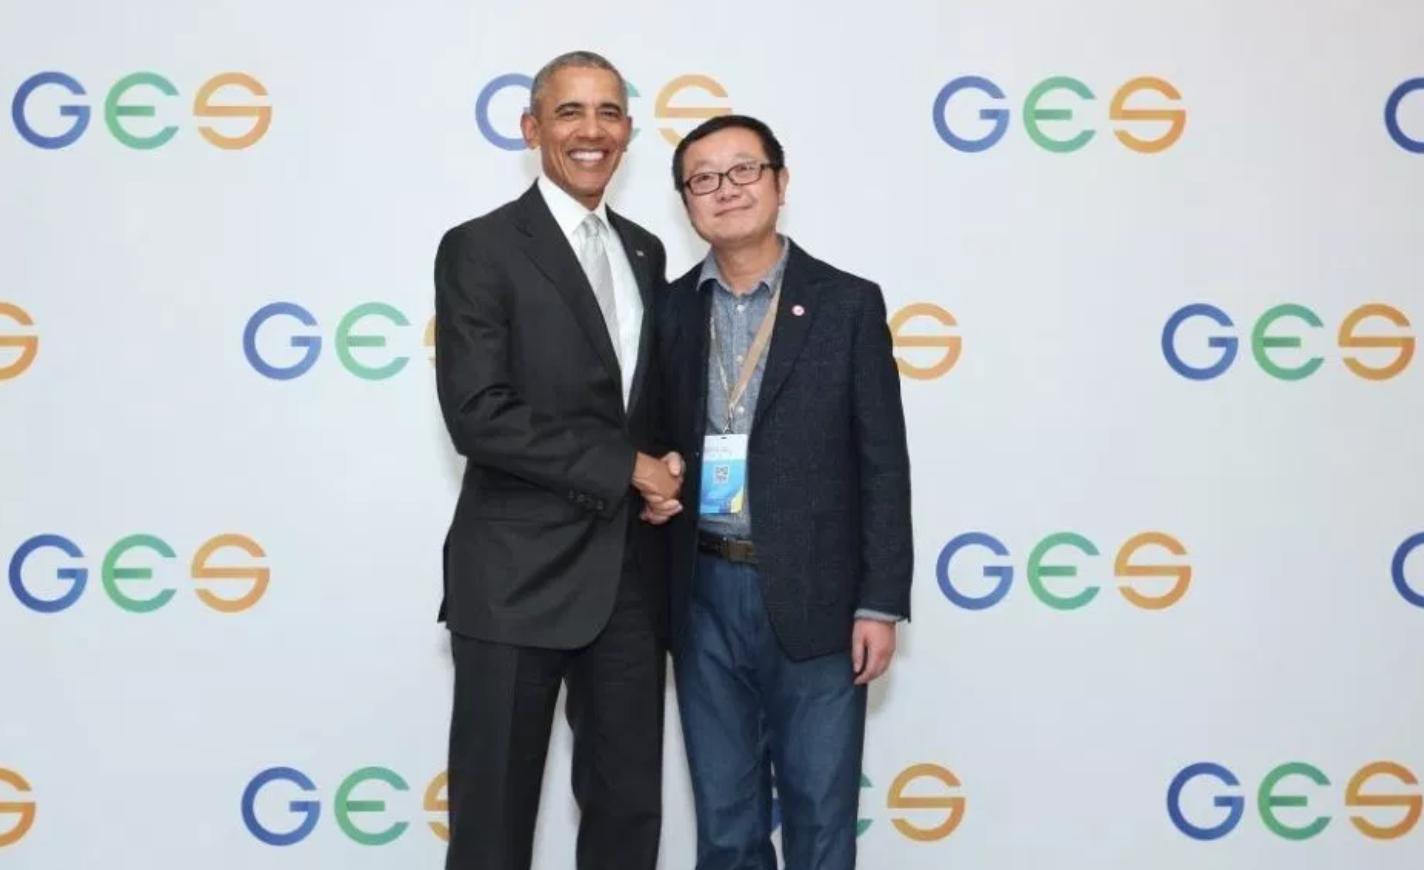 刘慈欣再获奖奥巴马:他作品充满狂野的想像力